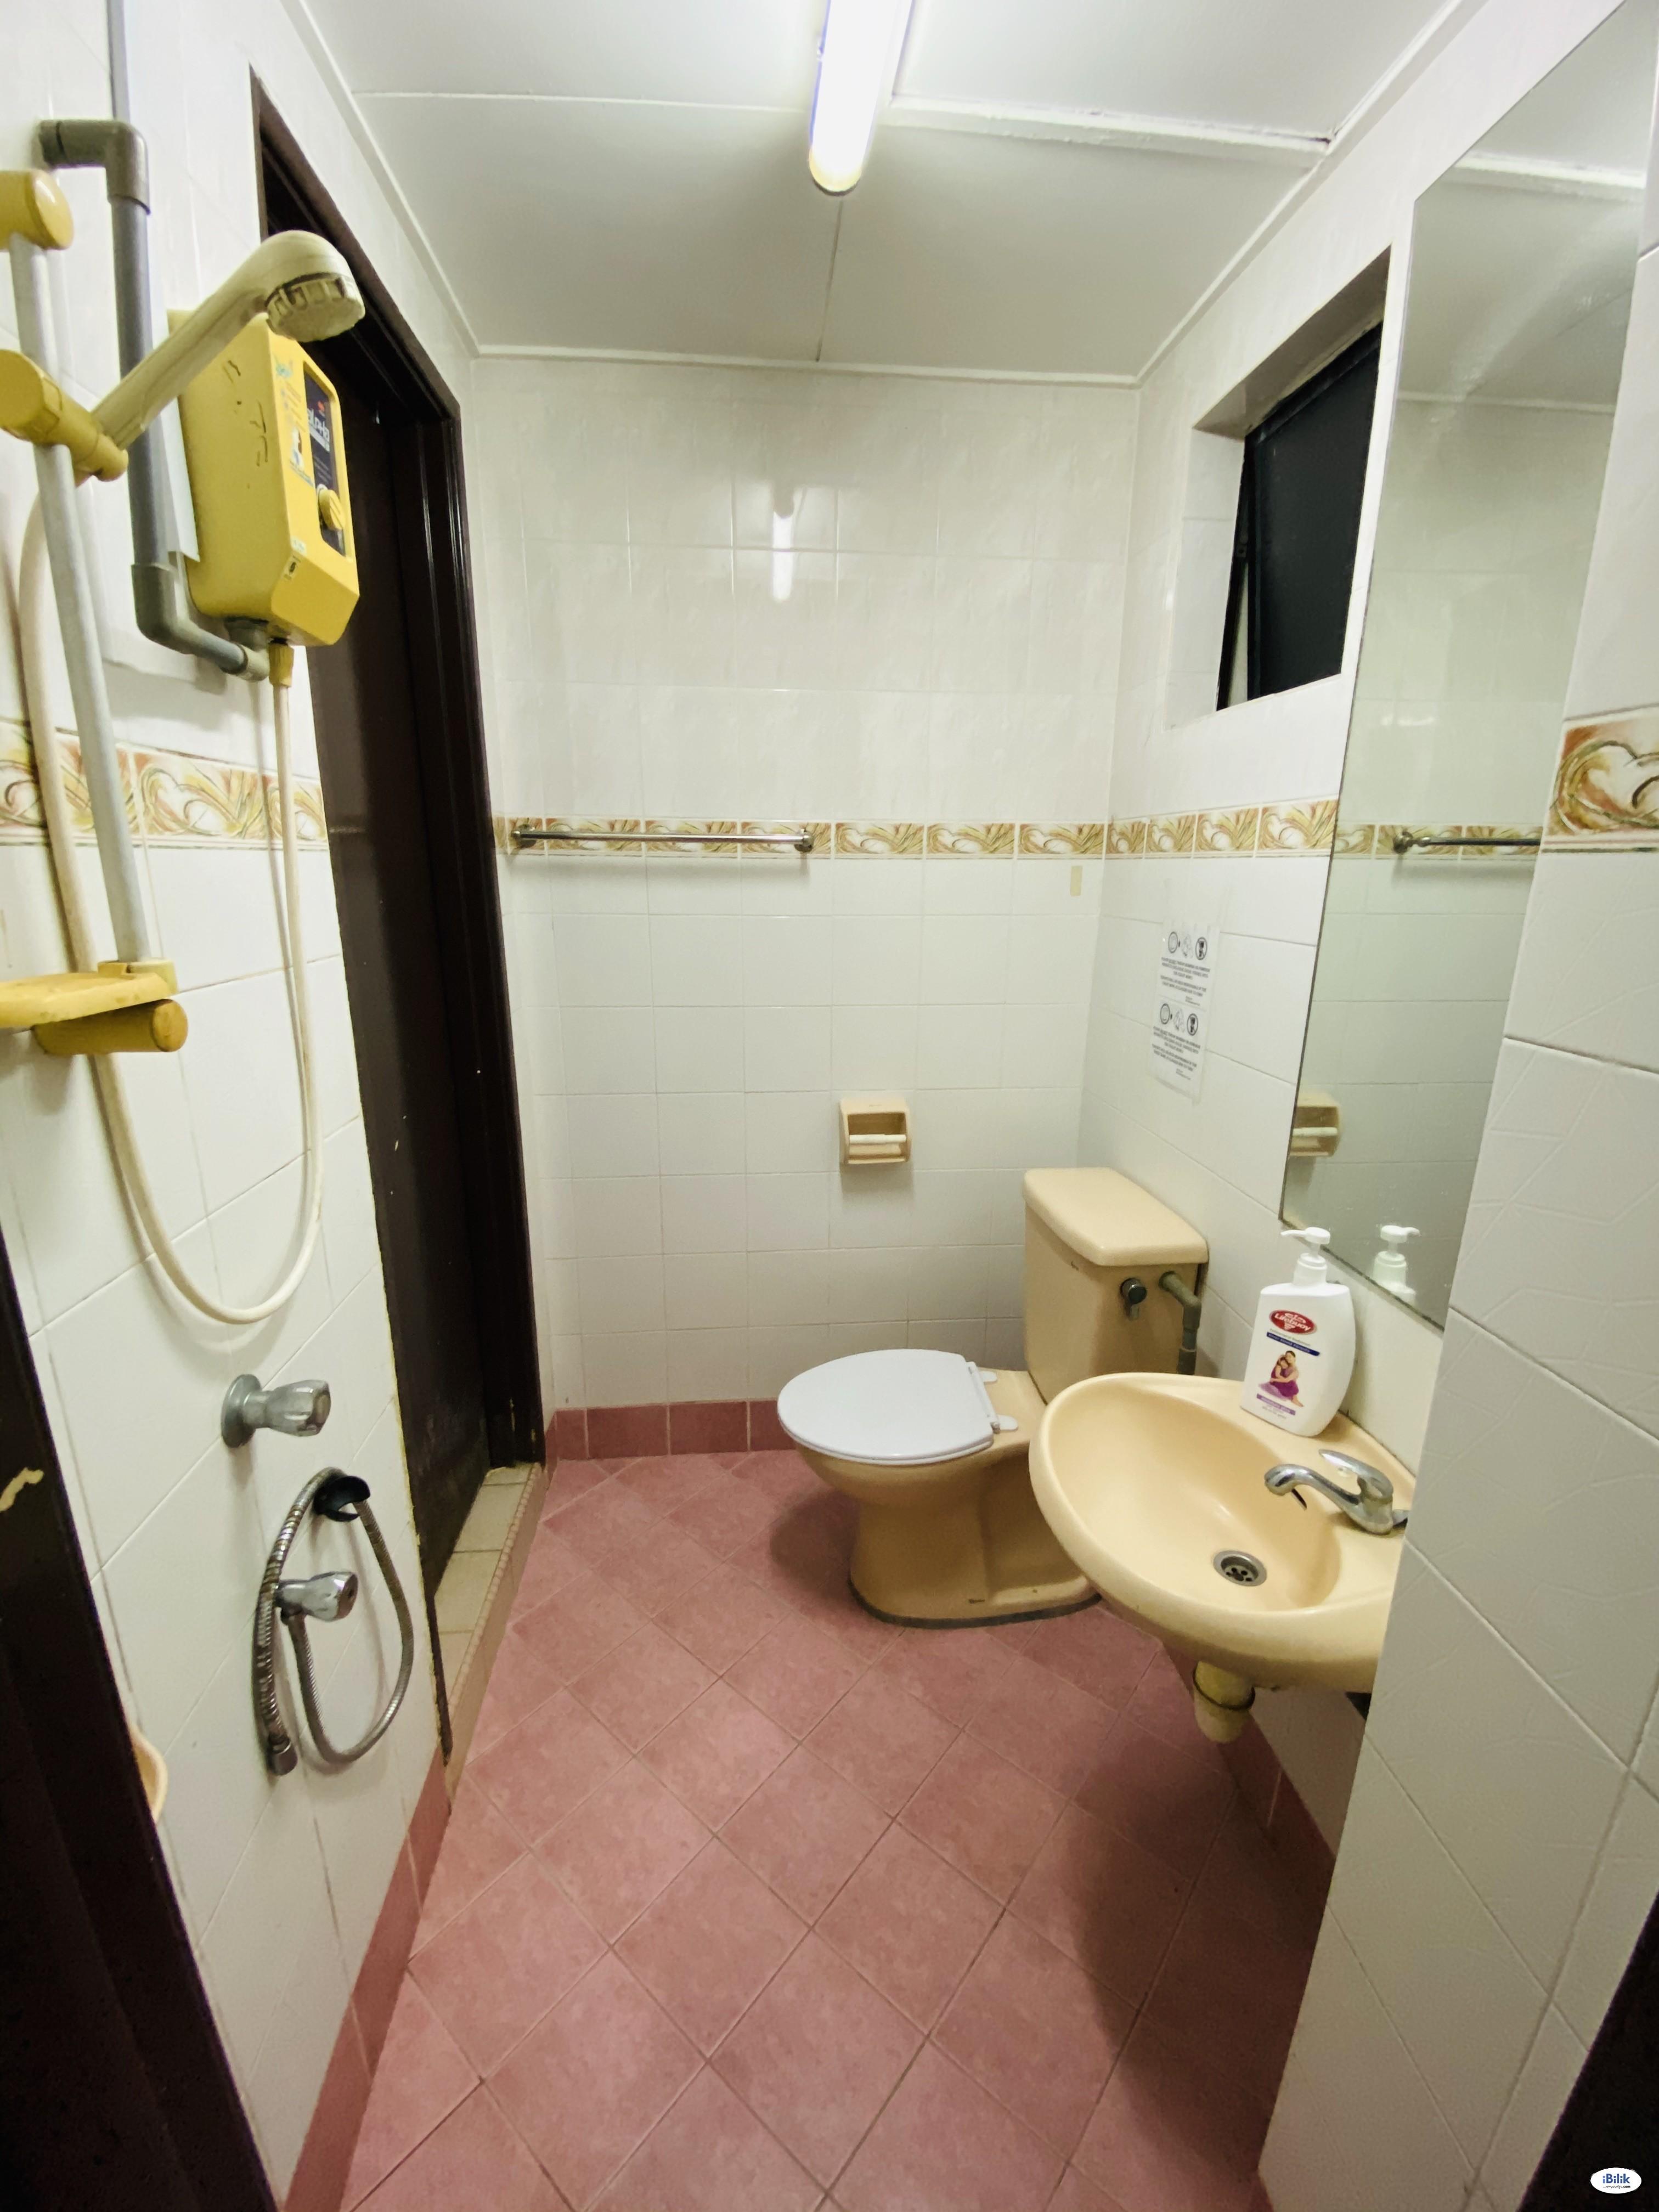 ZERO % Deposit ❗ Middle Room at BU3, Bandar Utama, Petaling Jaya with WIFI 📶